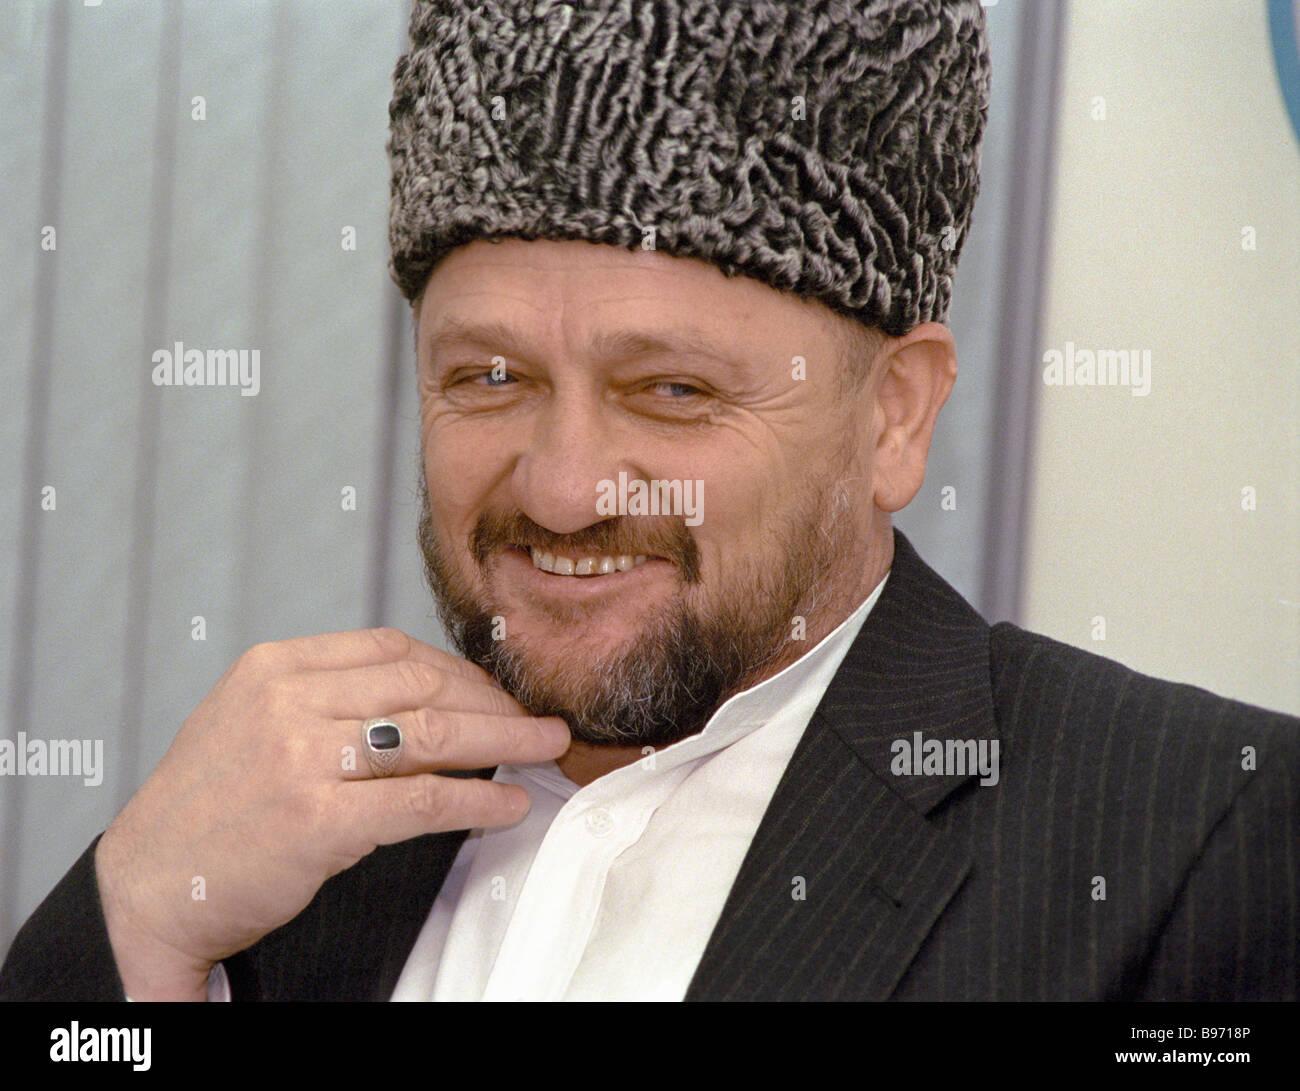 Chechen mufti Akhmad Kadyrov - Stock Image